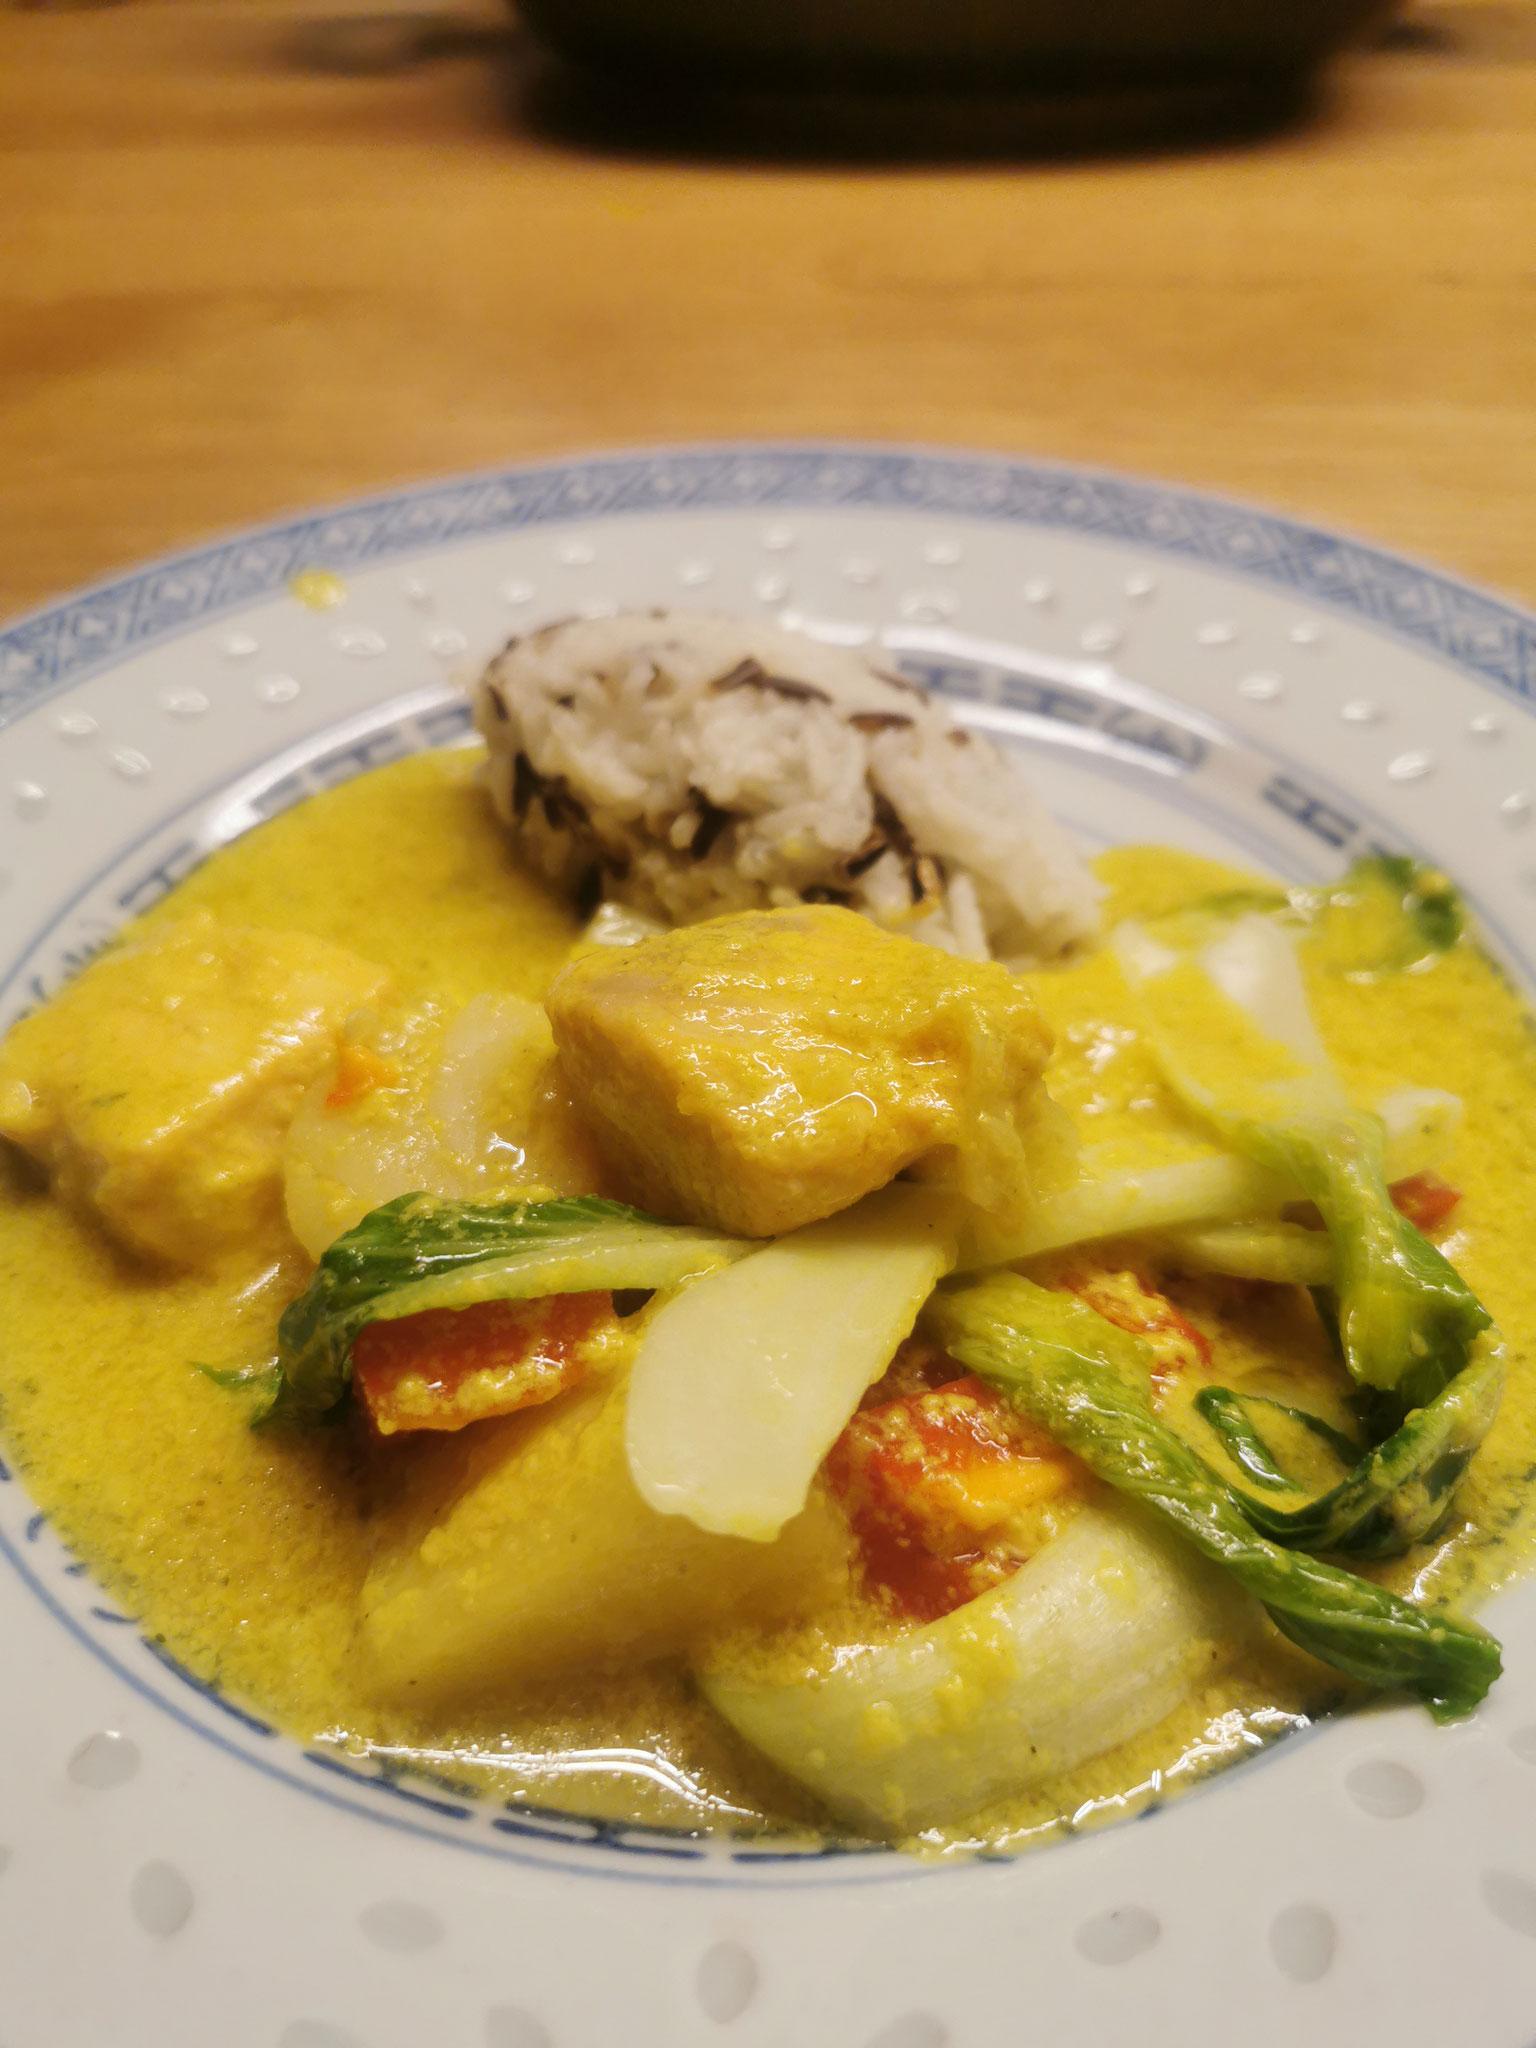 Fisch, Gemüse, Kartoffeln mit einer fruchtigen Kokosnuss-Soße